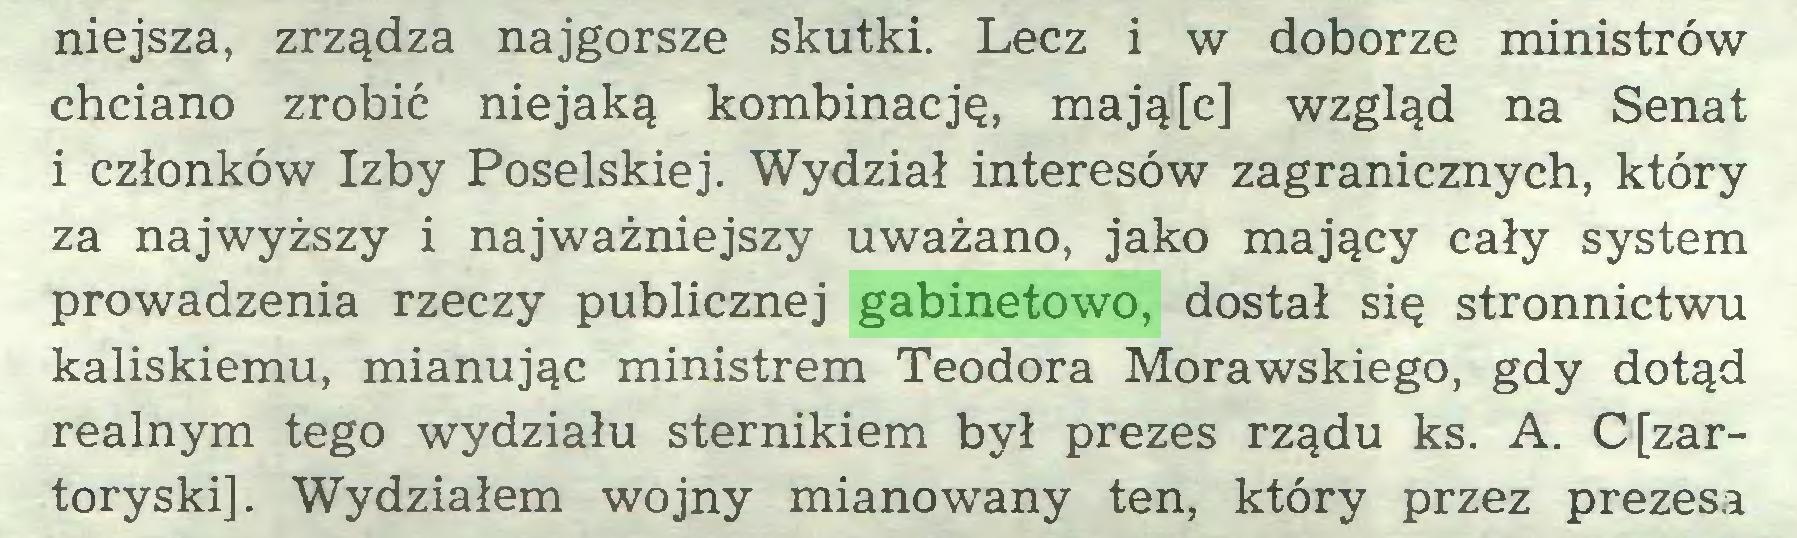 (...) niejsza, zrządza najgorsze skutki. Lecz i w doborze ministrów chciano zrobić niejaką kombinację, mają[c] wzgląd na Senat 1 członków Izby Poselskiej. Wydział interesów zagranicznych, który za najwyższy i najważniejszy uważano, jako mający cały system prowadzenia rzeczy publicznej gabinetowo, dostał się stronnictwu kaliskiemu, mianując ministrem Teodora Morawskiego, gdy dotąd realnym tego wydziału sternikiem był prezes rządu ks. A. C[zartoryski]. Wydziałem wojny mianowany ten, który przez prezesa...